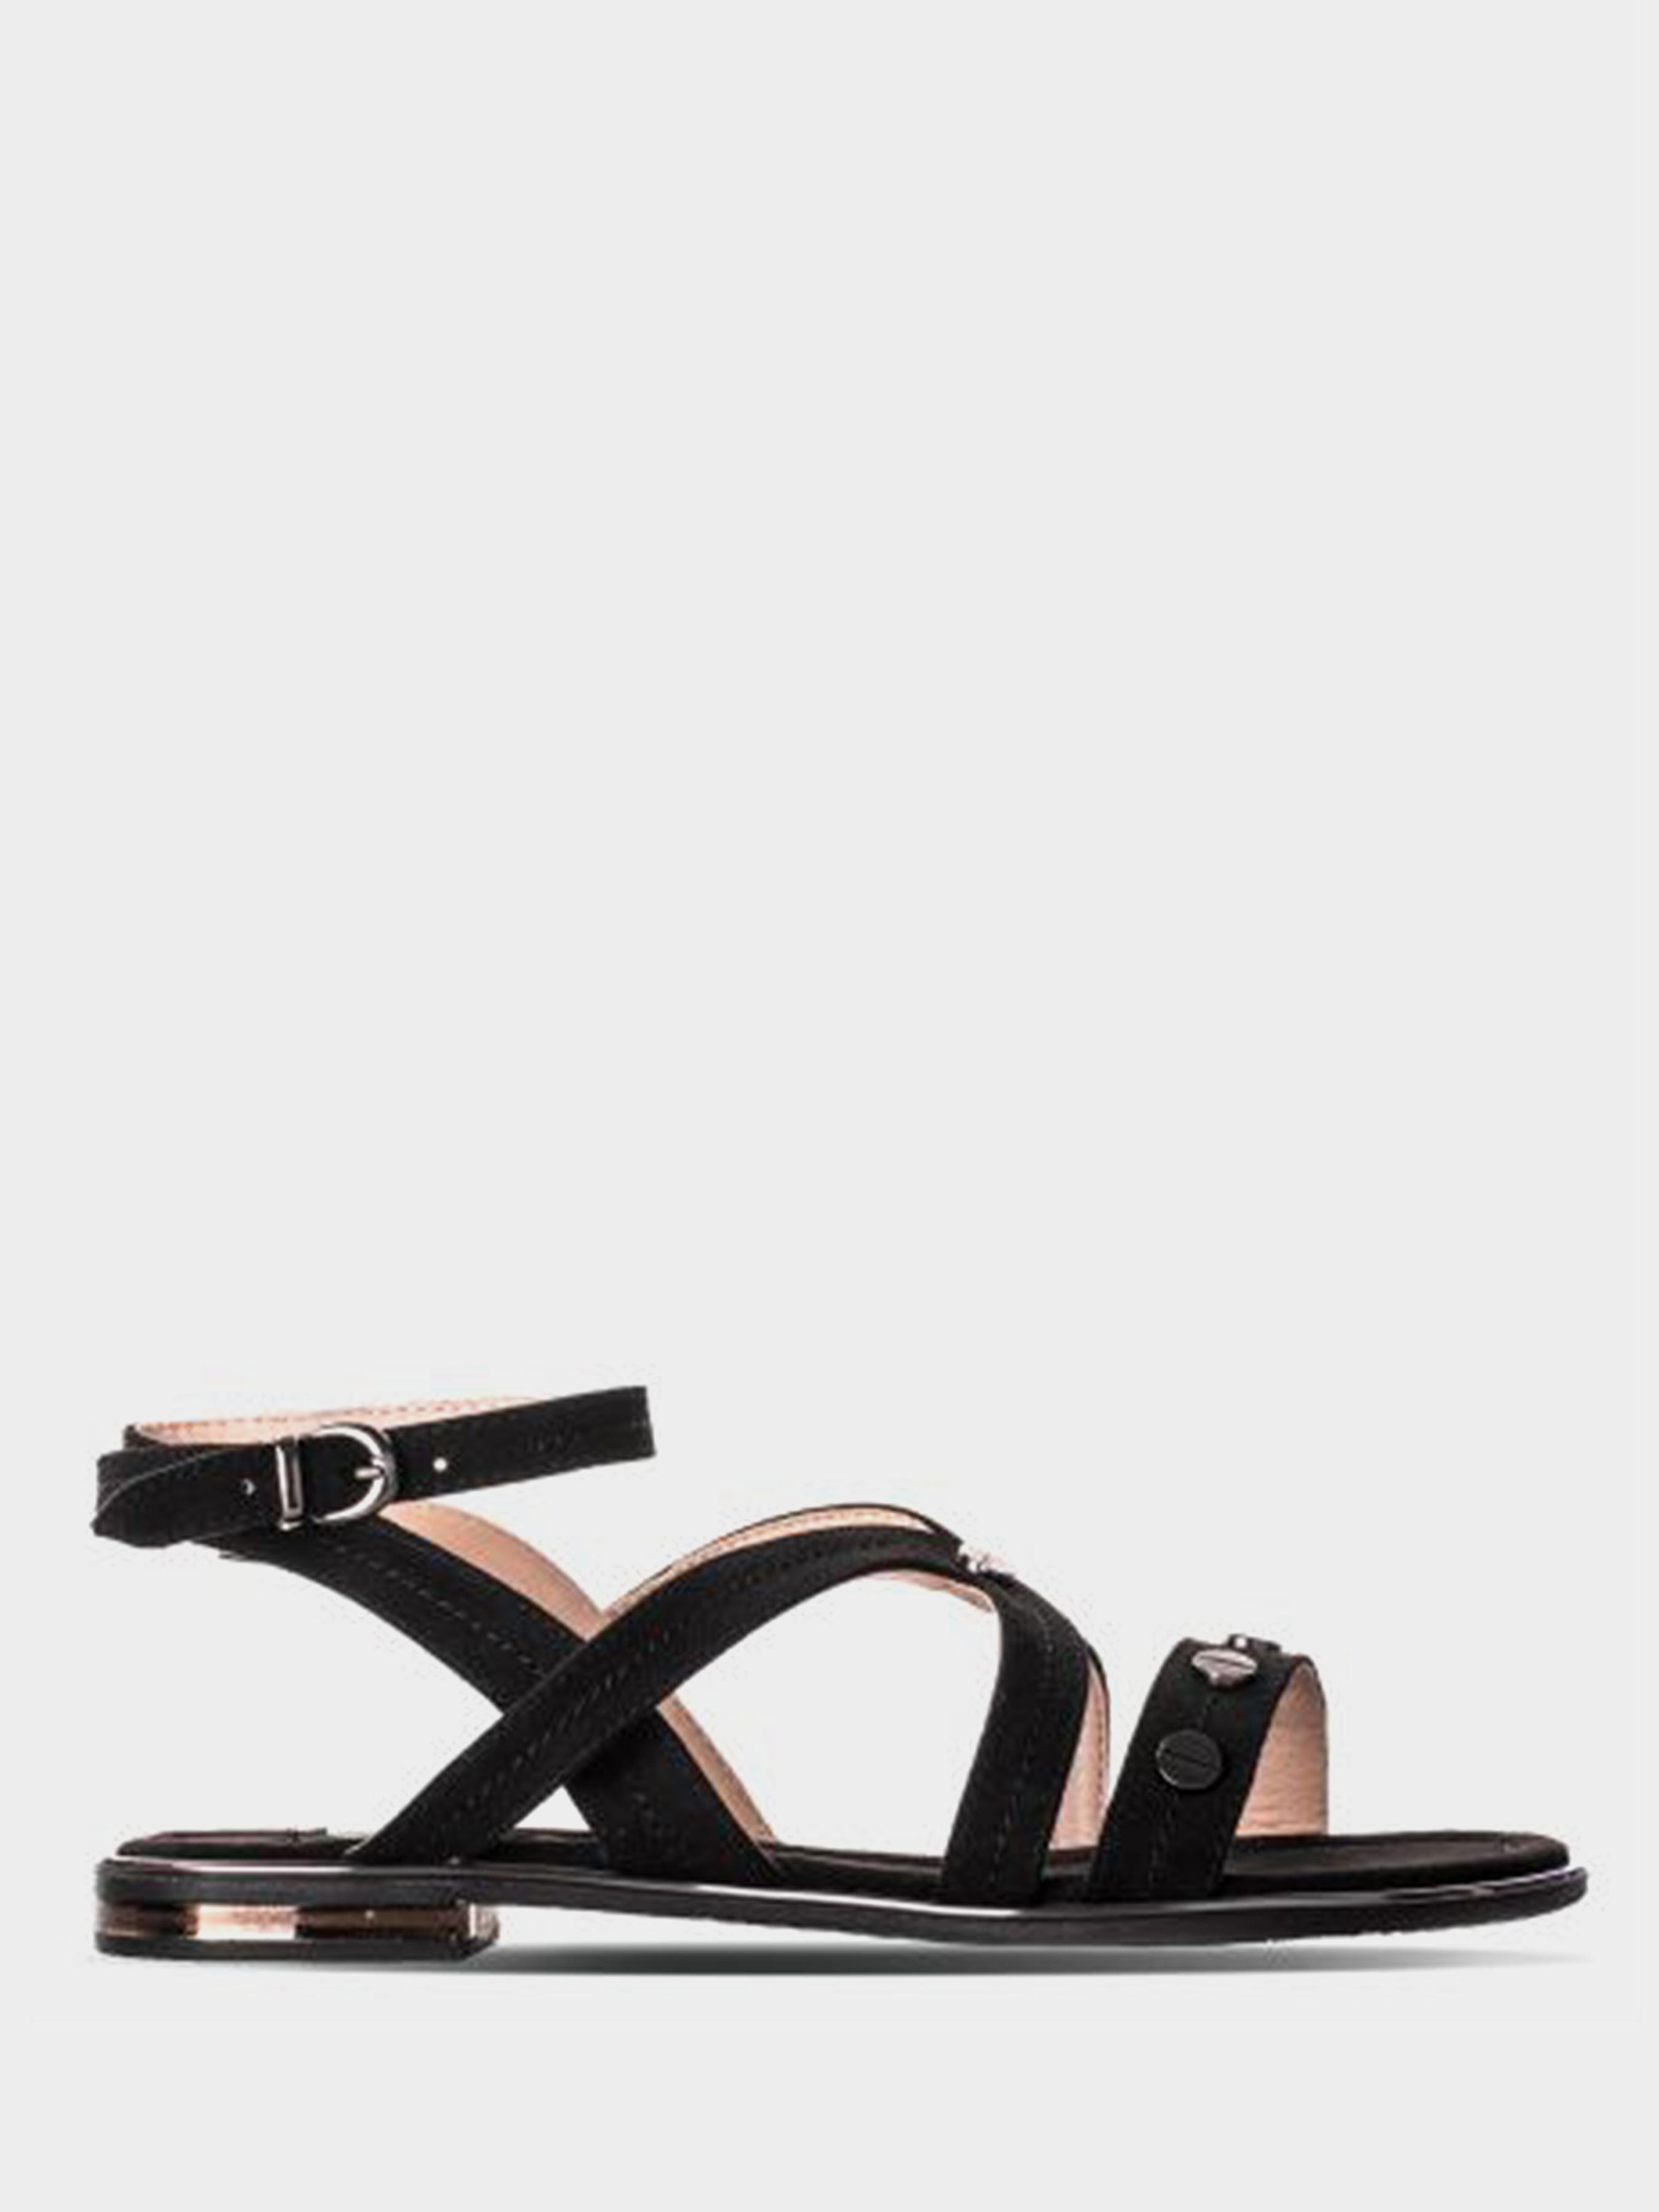 Сандалии женские BLINK Bnew-jessaL BL1882 брендовая обувь, 2017